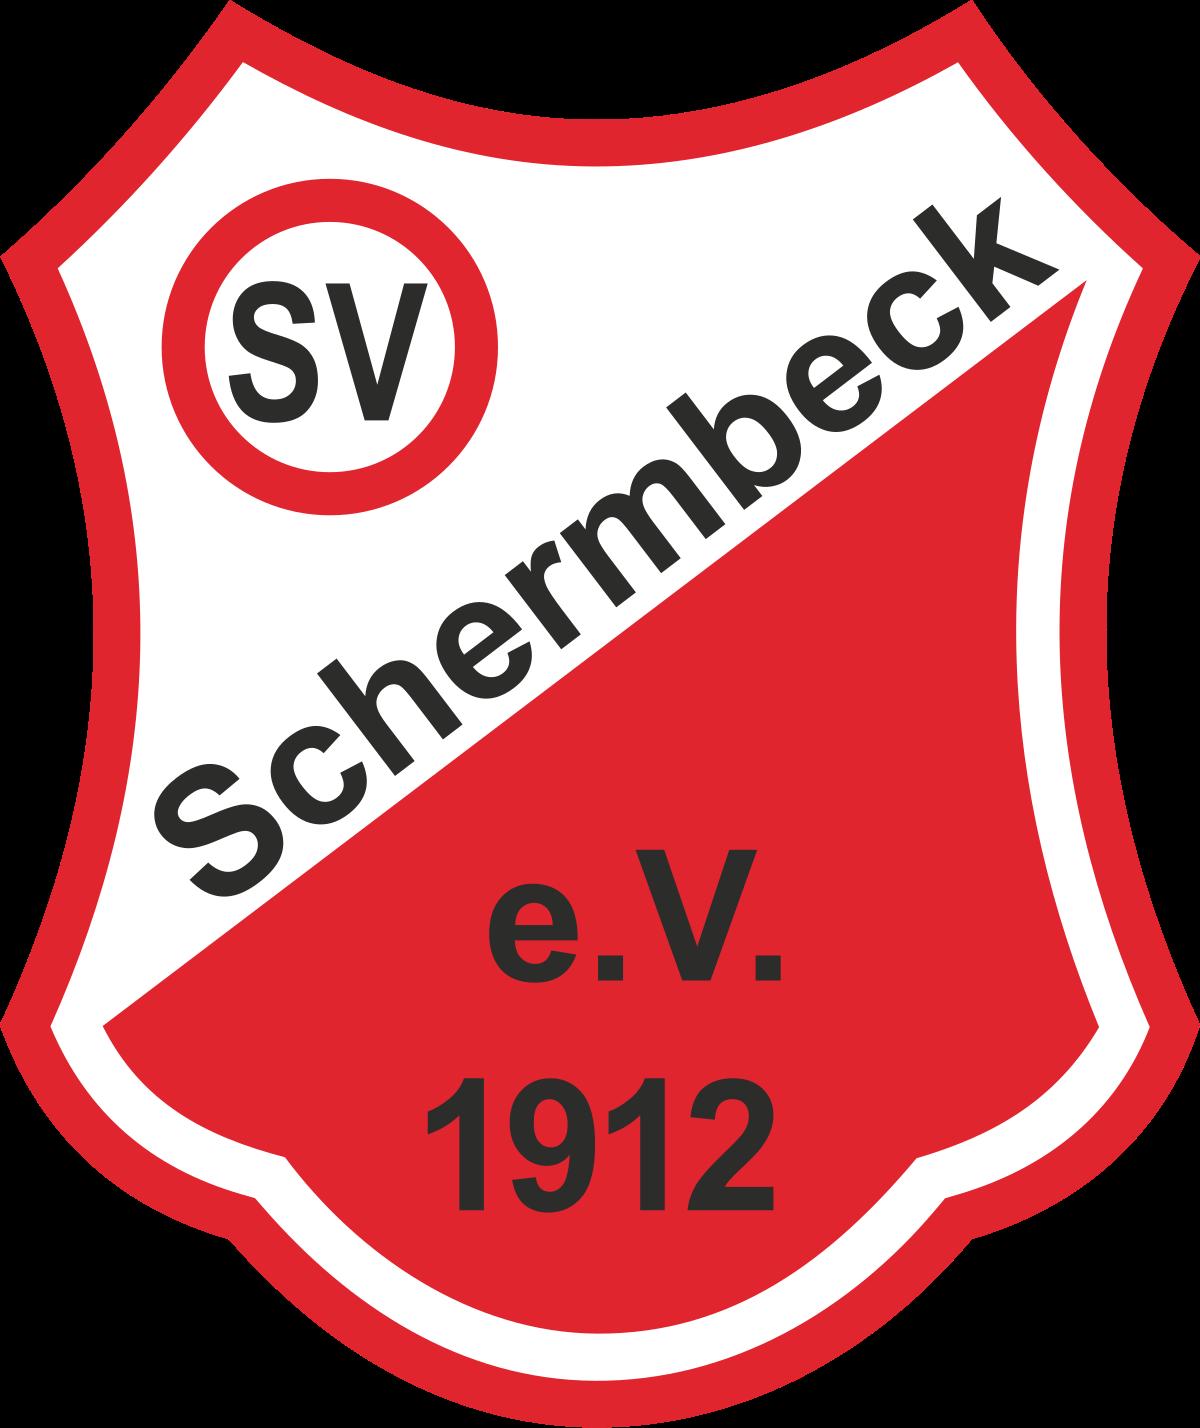 SV Schermbeck 1912 e.V. I